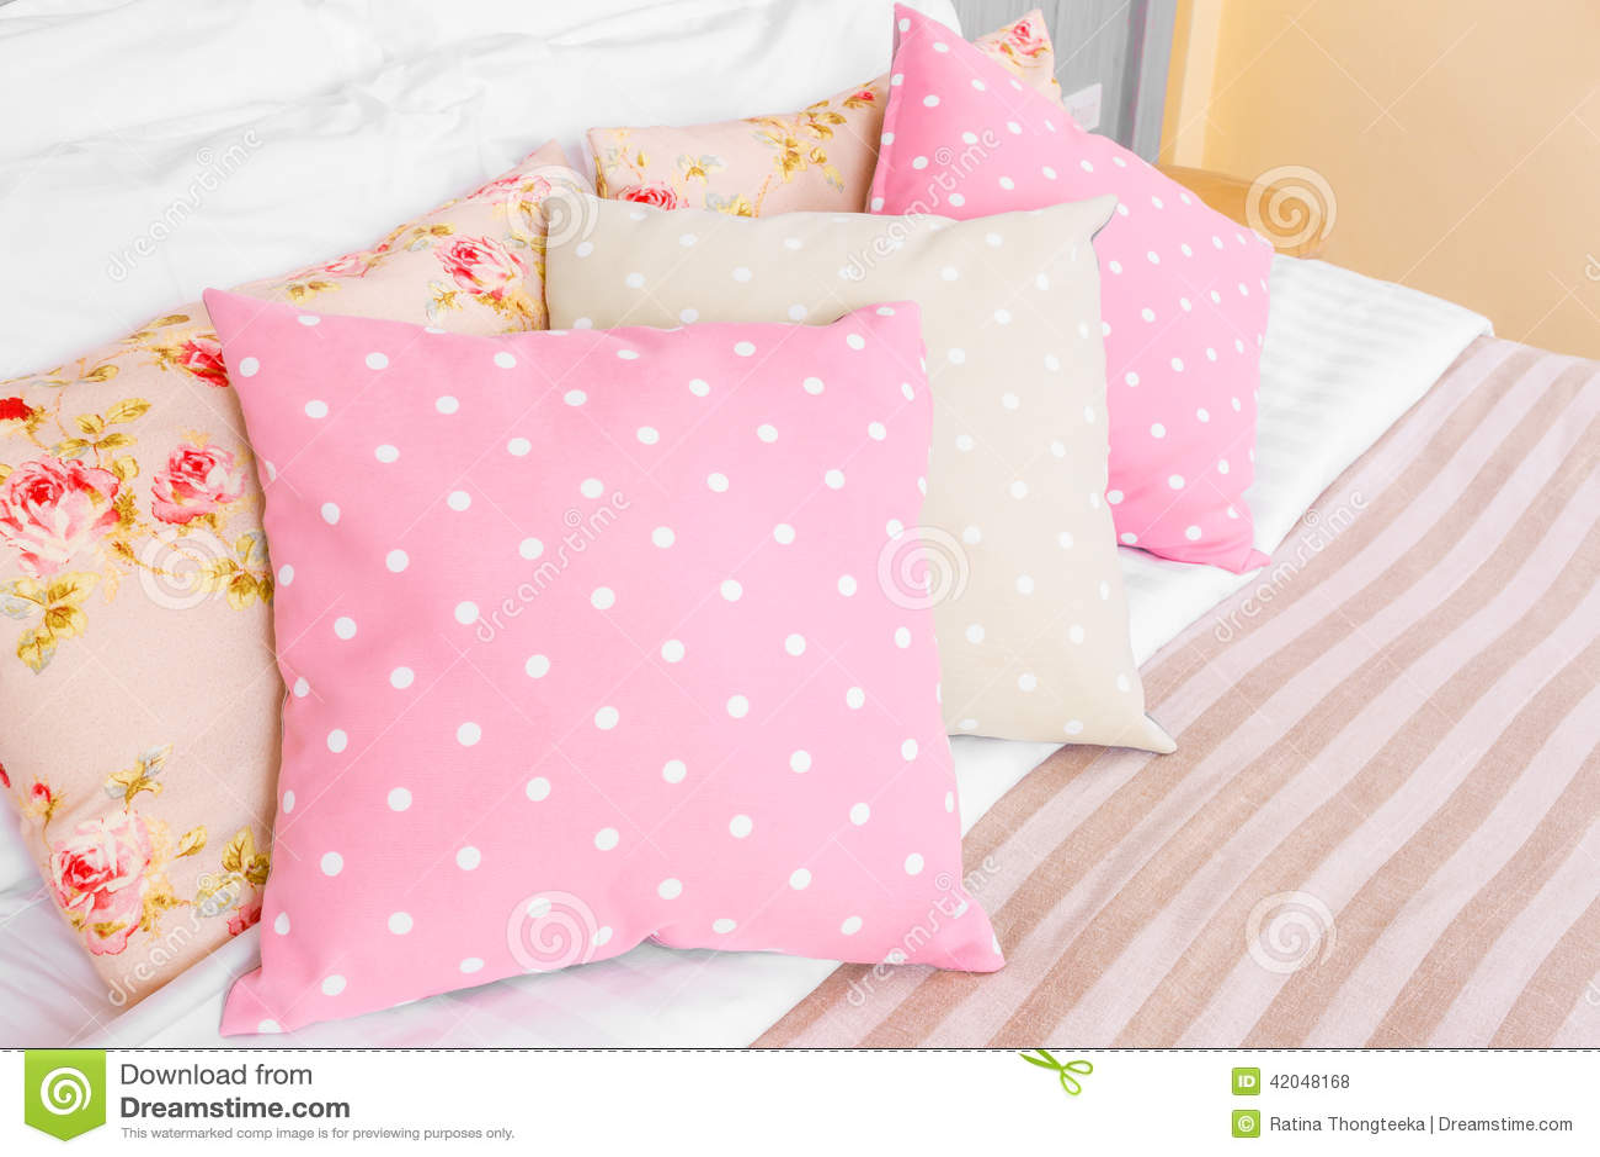 Kudde prickfärg i sovrummet arkivfoto   bild: 42048168